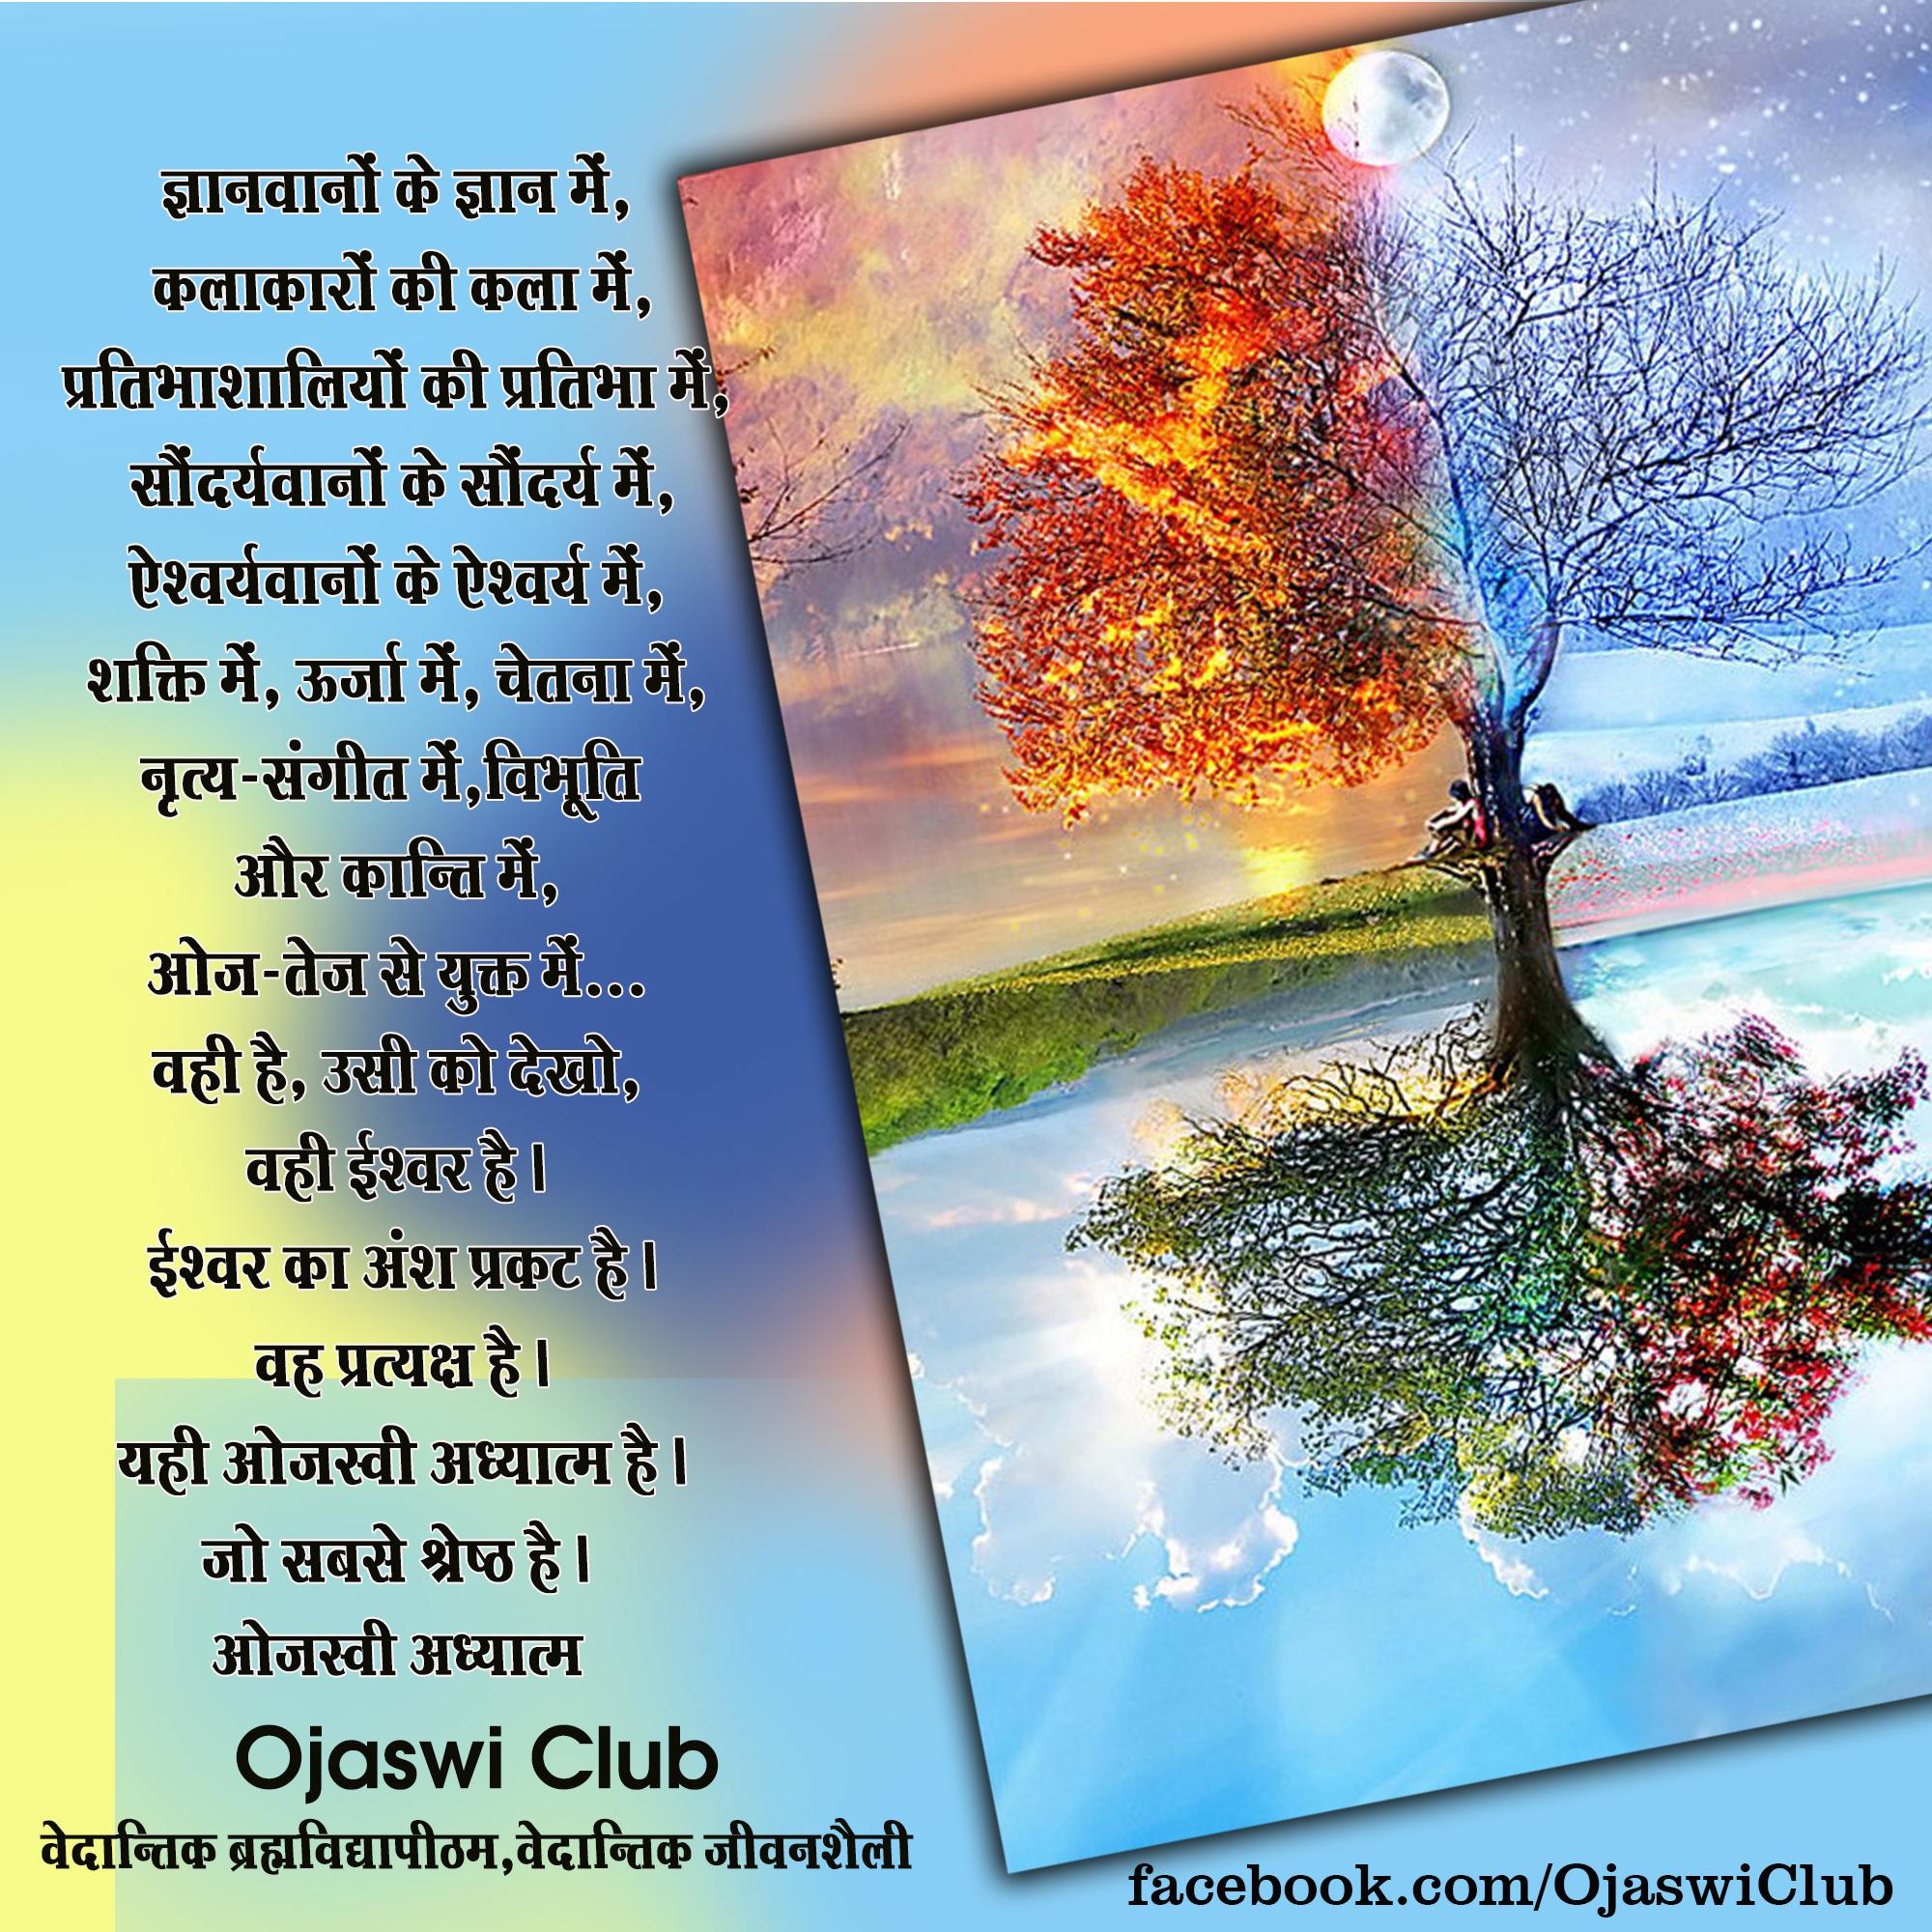 ojaswi club 2